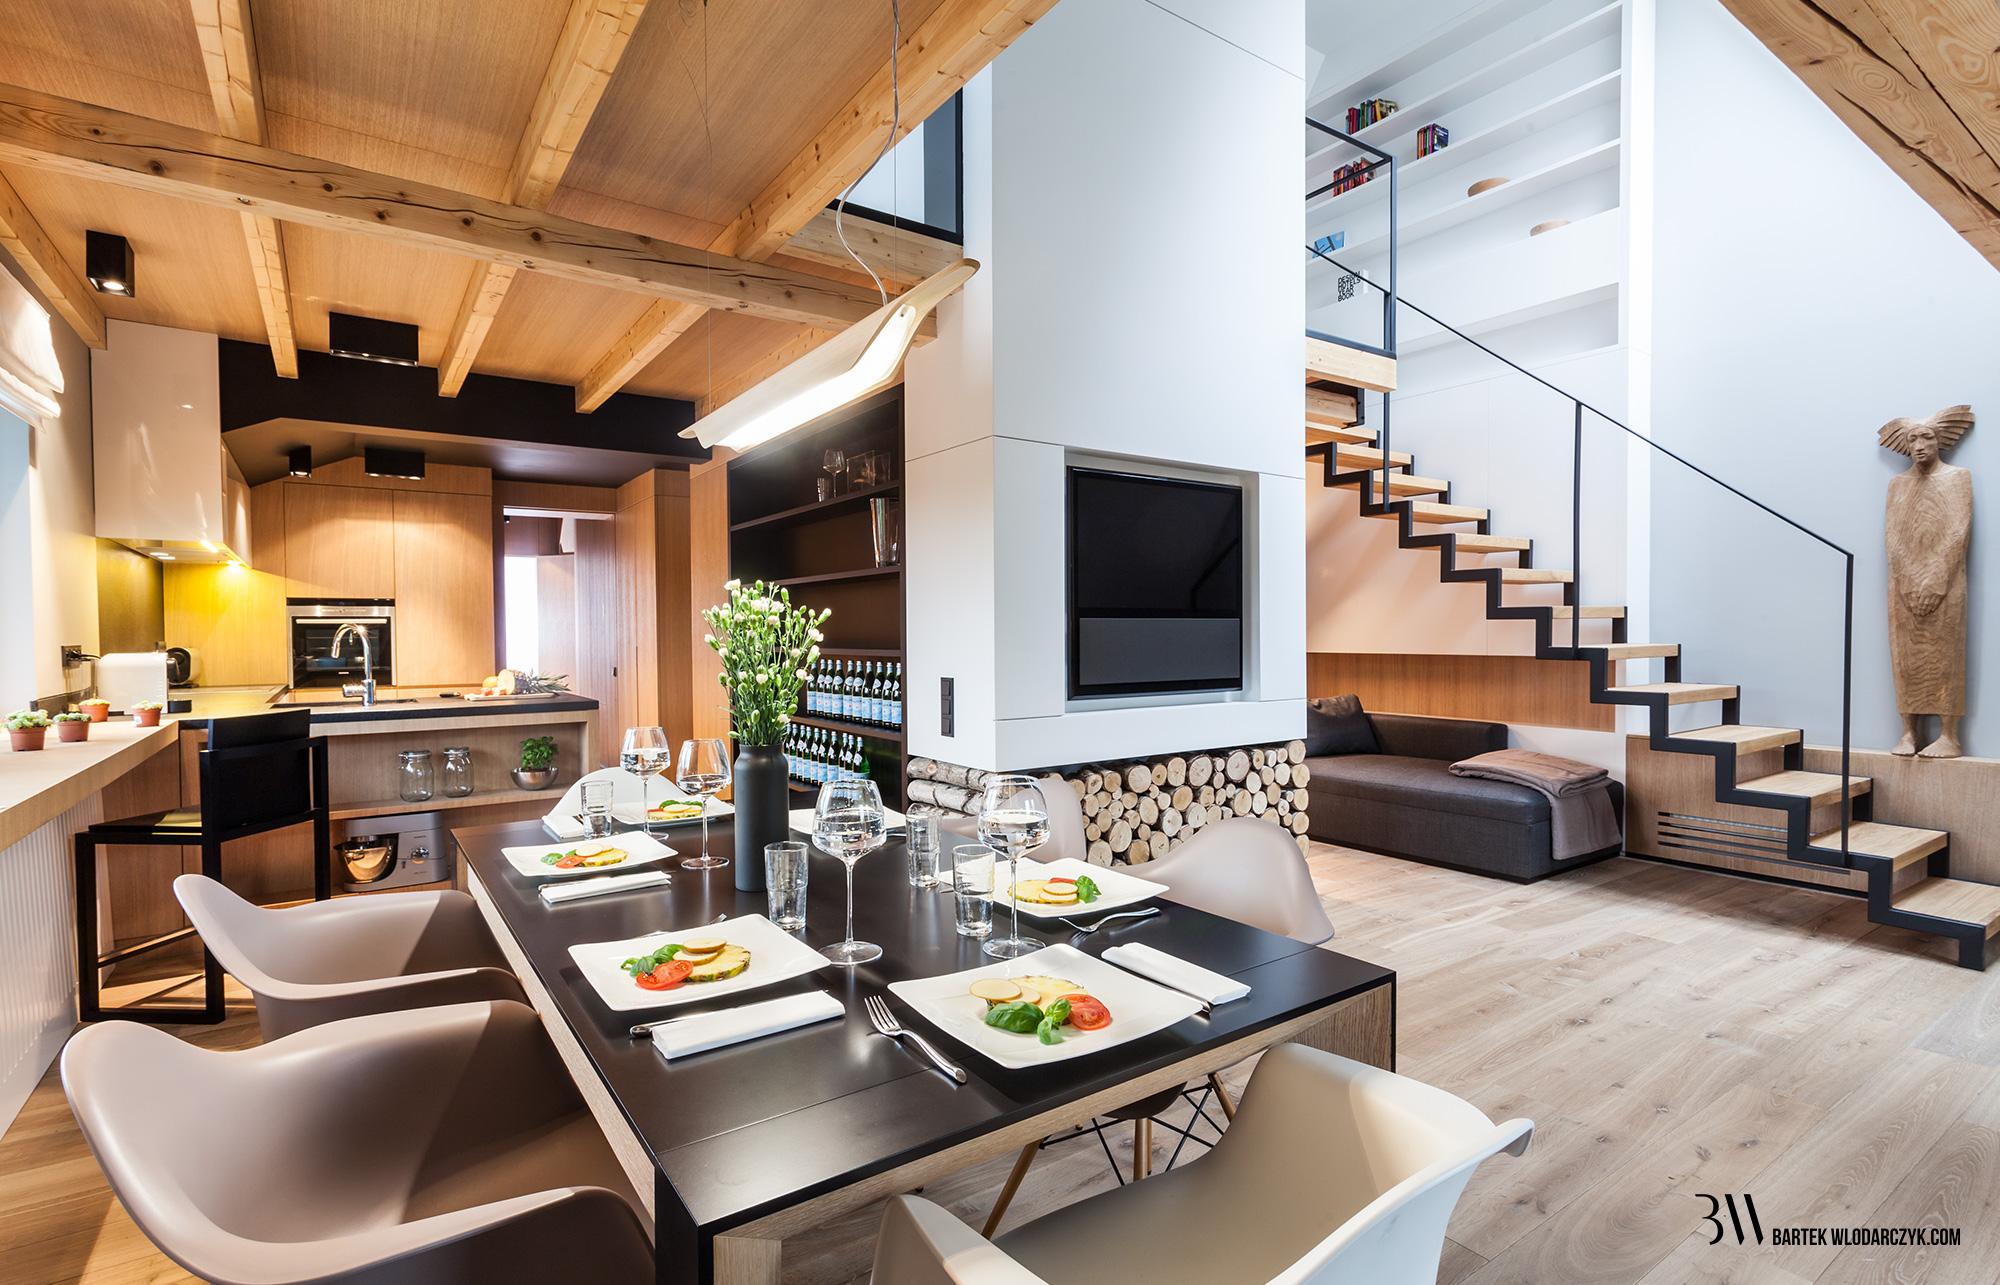 bartek wlodarczyk tatra lodge Tatra Lodge Apartment by Bartek Wlodarczyk